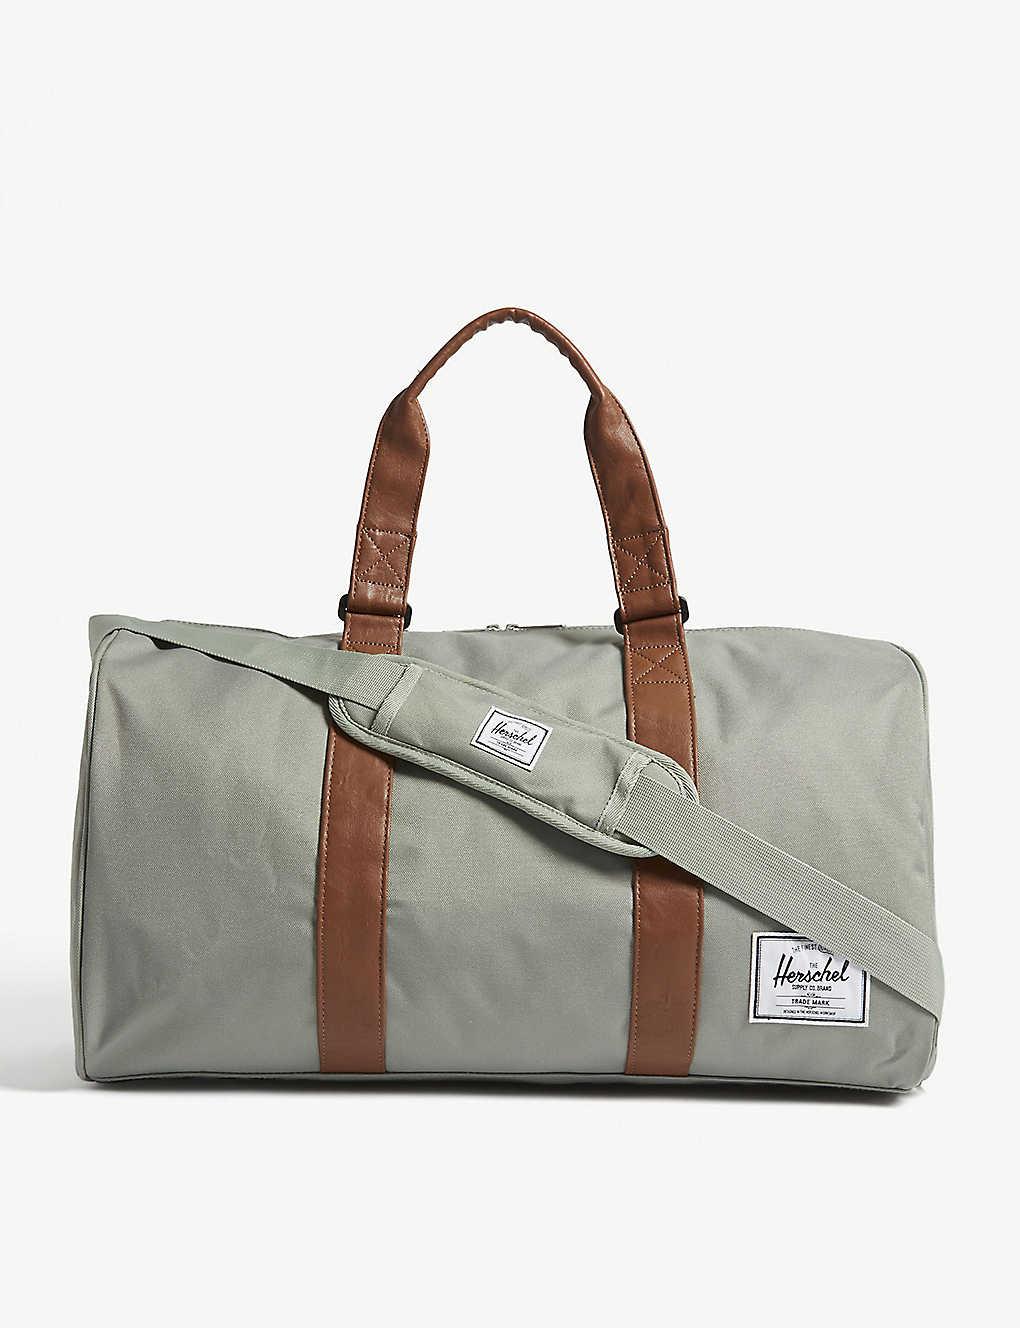 142be3424528 HERSCHEL SUPPLY CO - Novel duffle bag